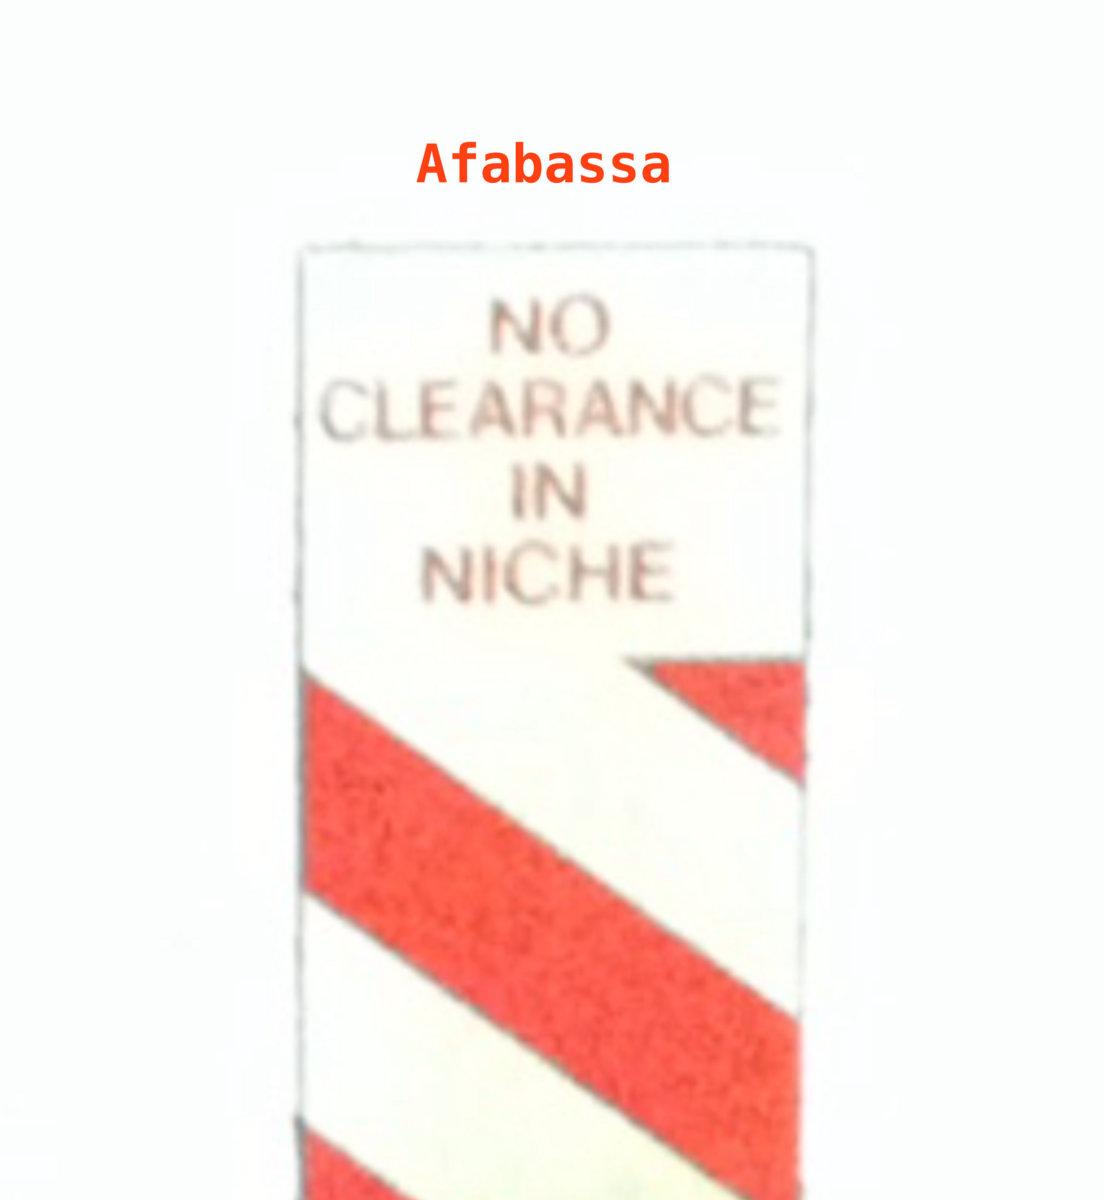 Afabassa – No Clearance in Niche